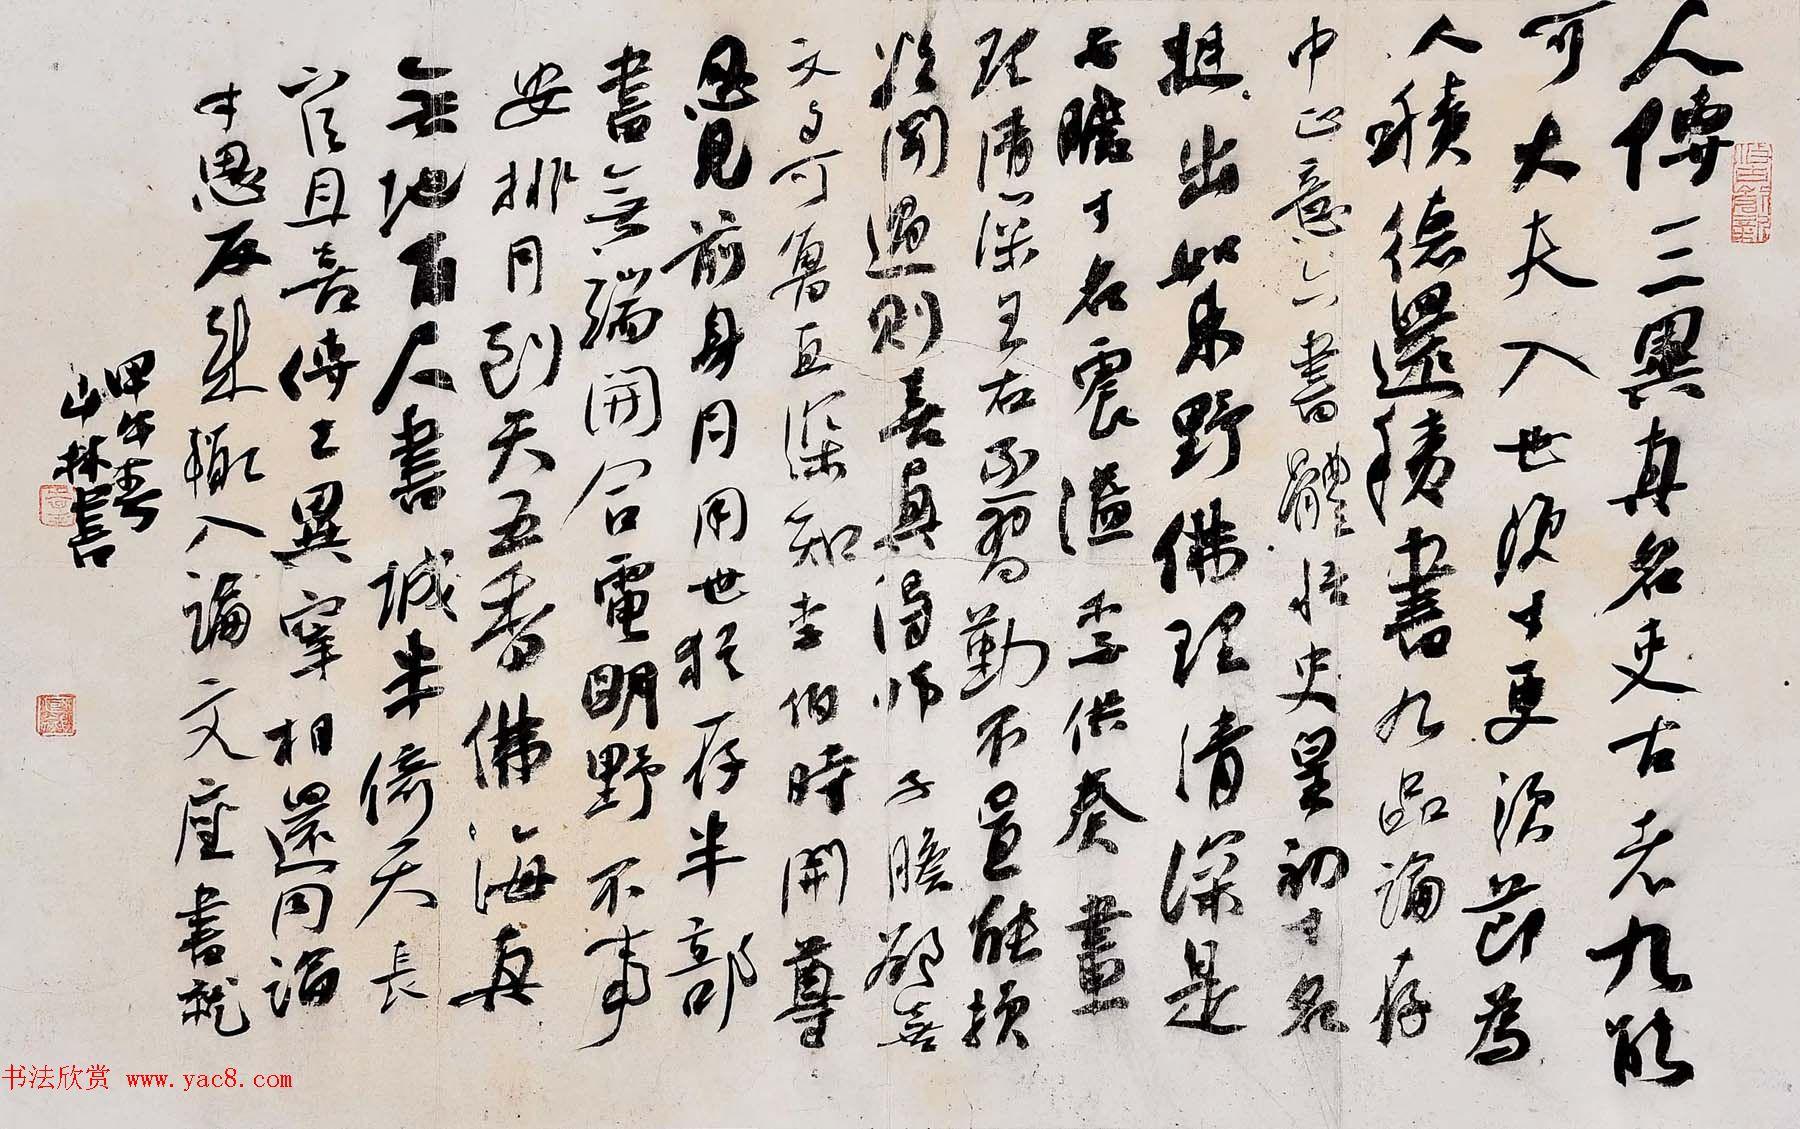 河北李国胜行草书法作品欣赏